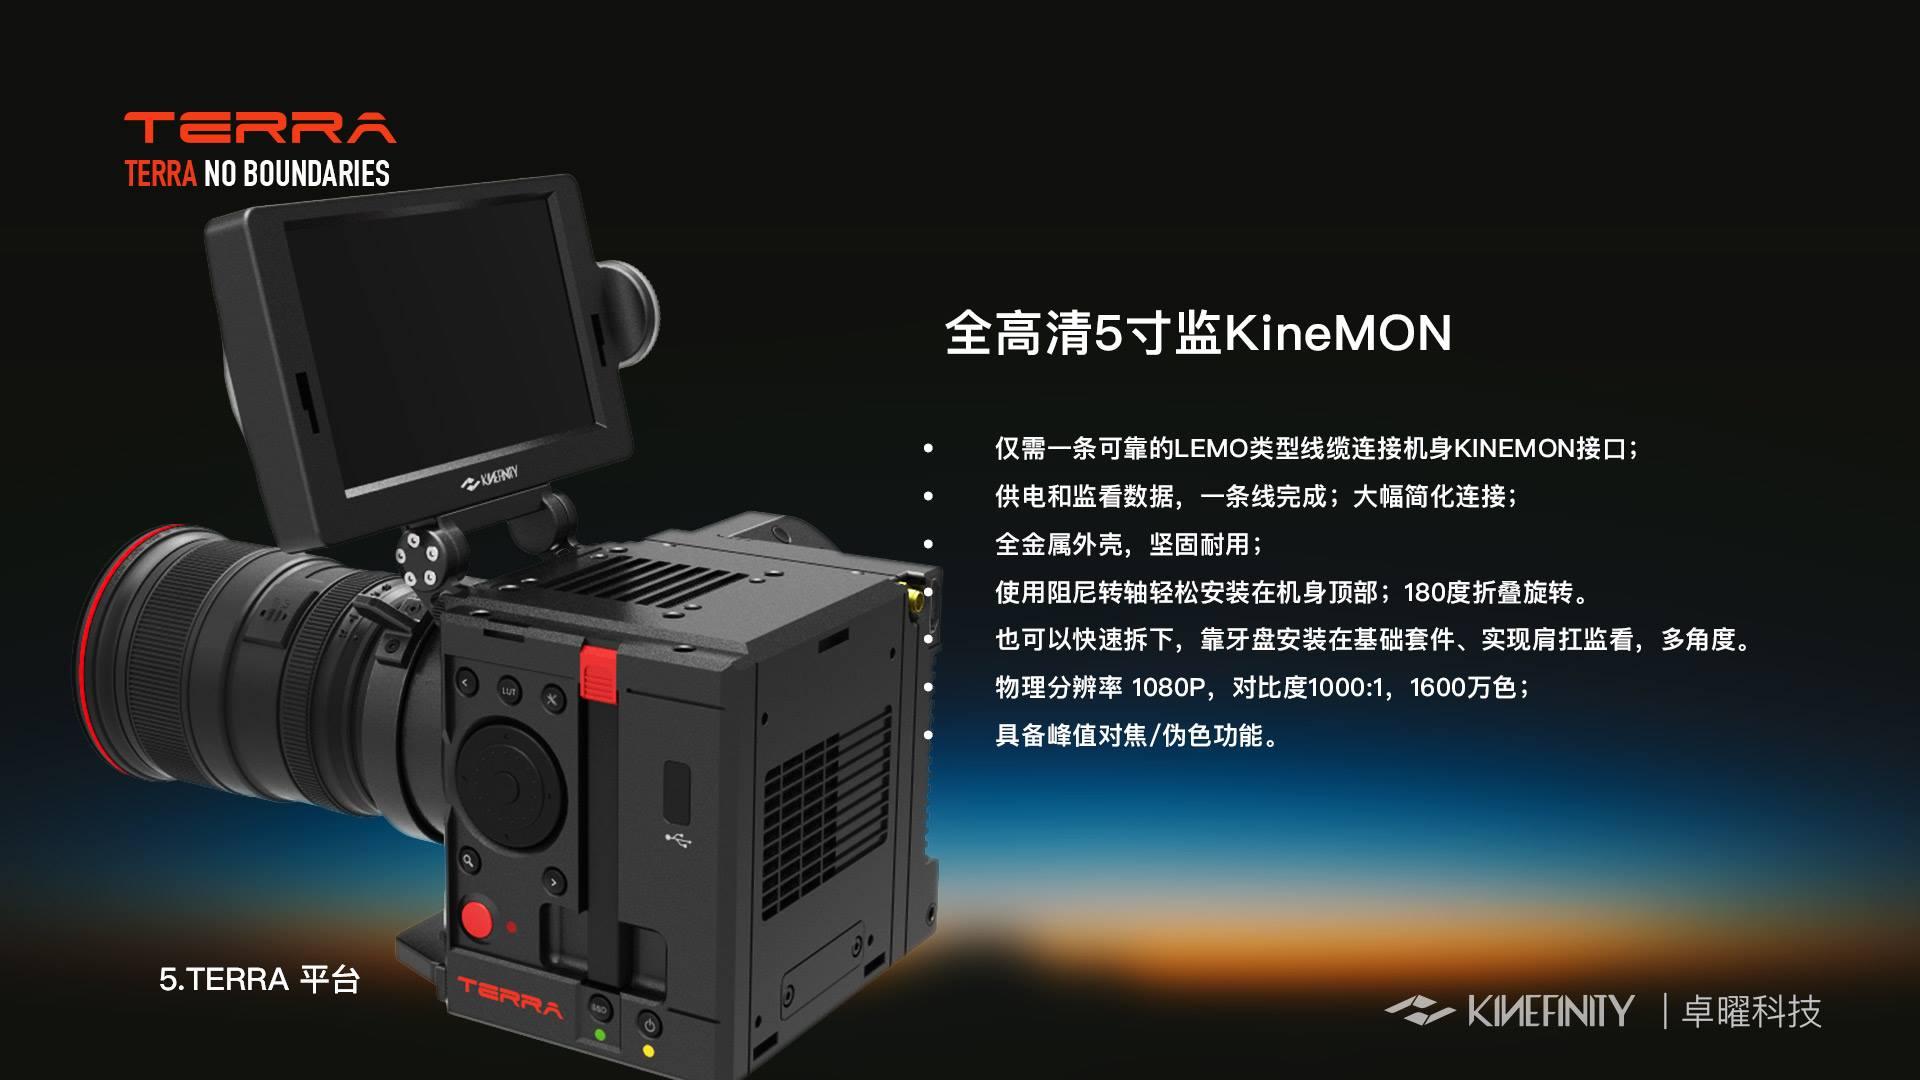 挑戰Arri、Red!國貨Kinefinity進軍電影攝影市場